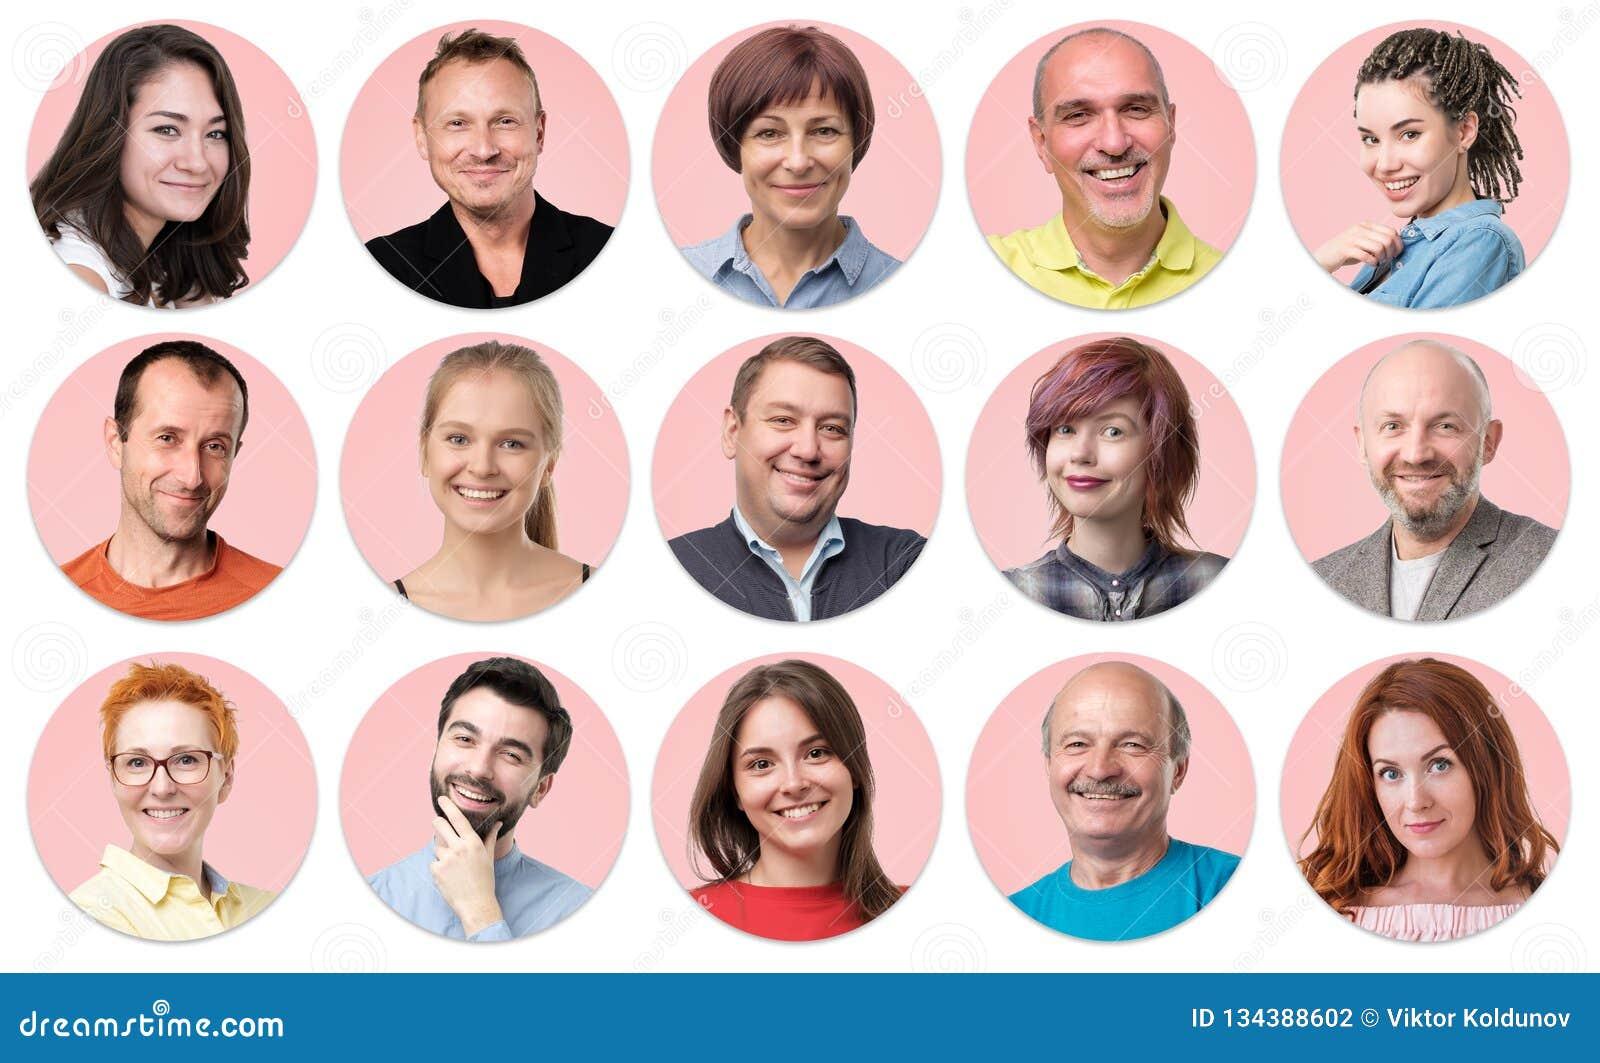 Inzameling van cirkelavatar van mensen Jonge en hogere mannen en vrouwengezichten op roze kleur